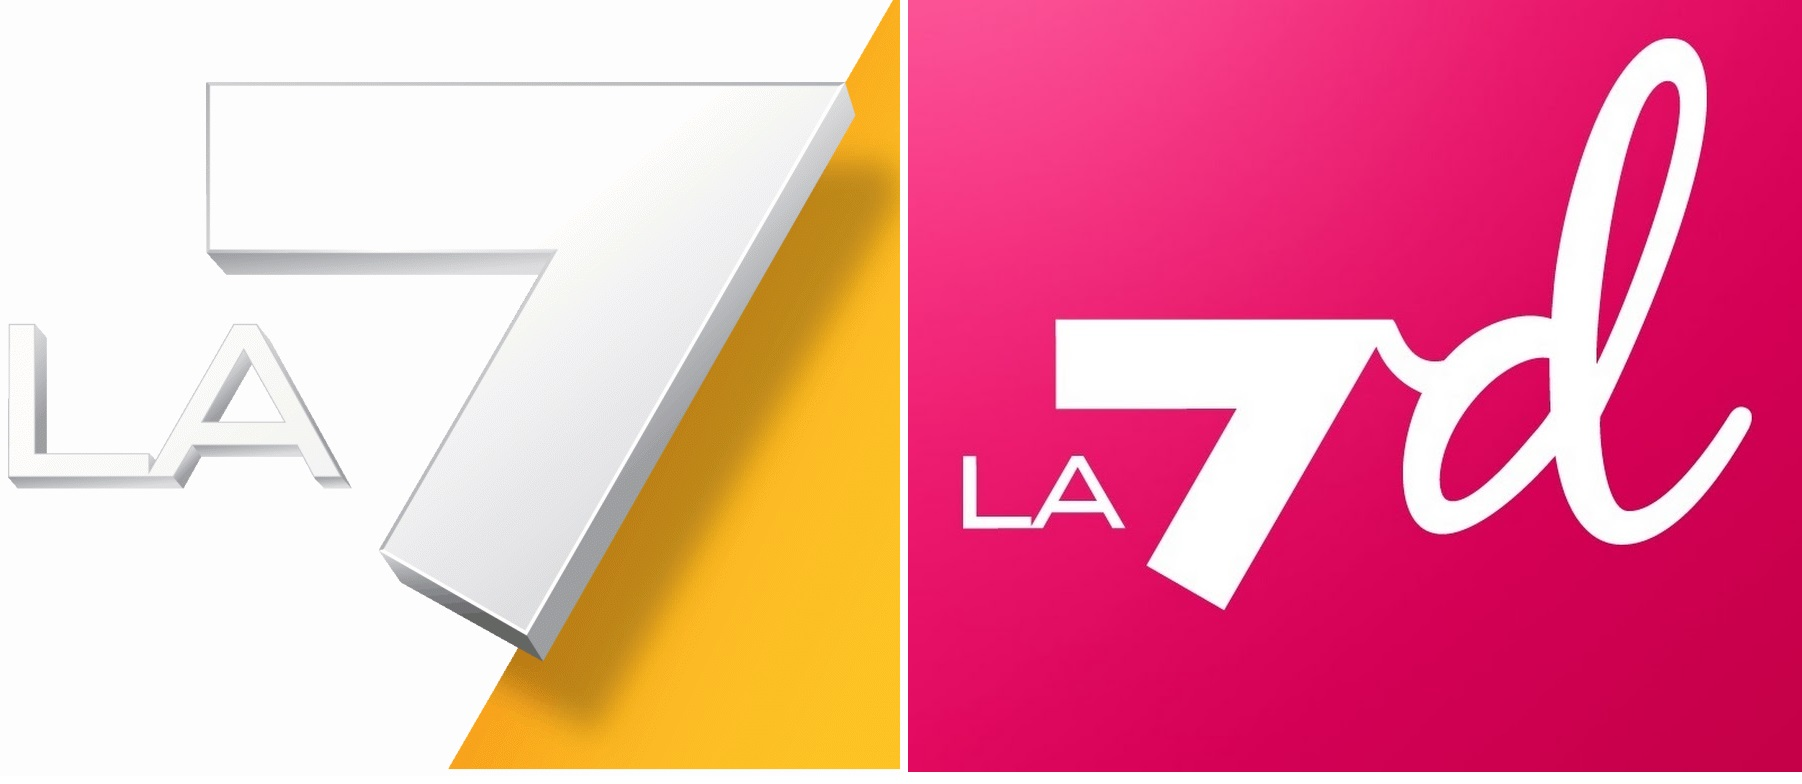 La7d, ascolti su del 25%. Dal 2017 arrivano nuovi canali del gruppo Cairo